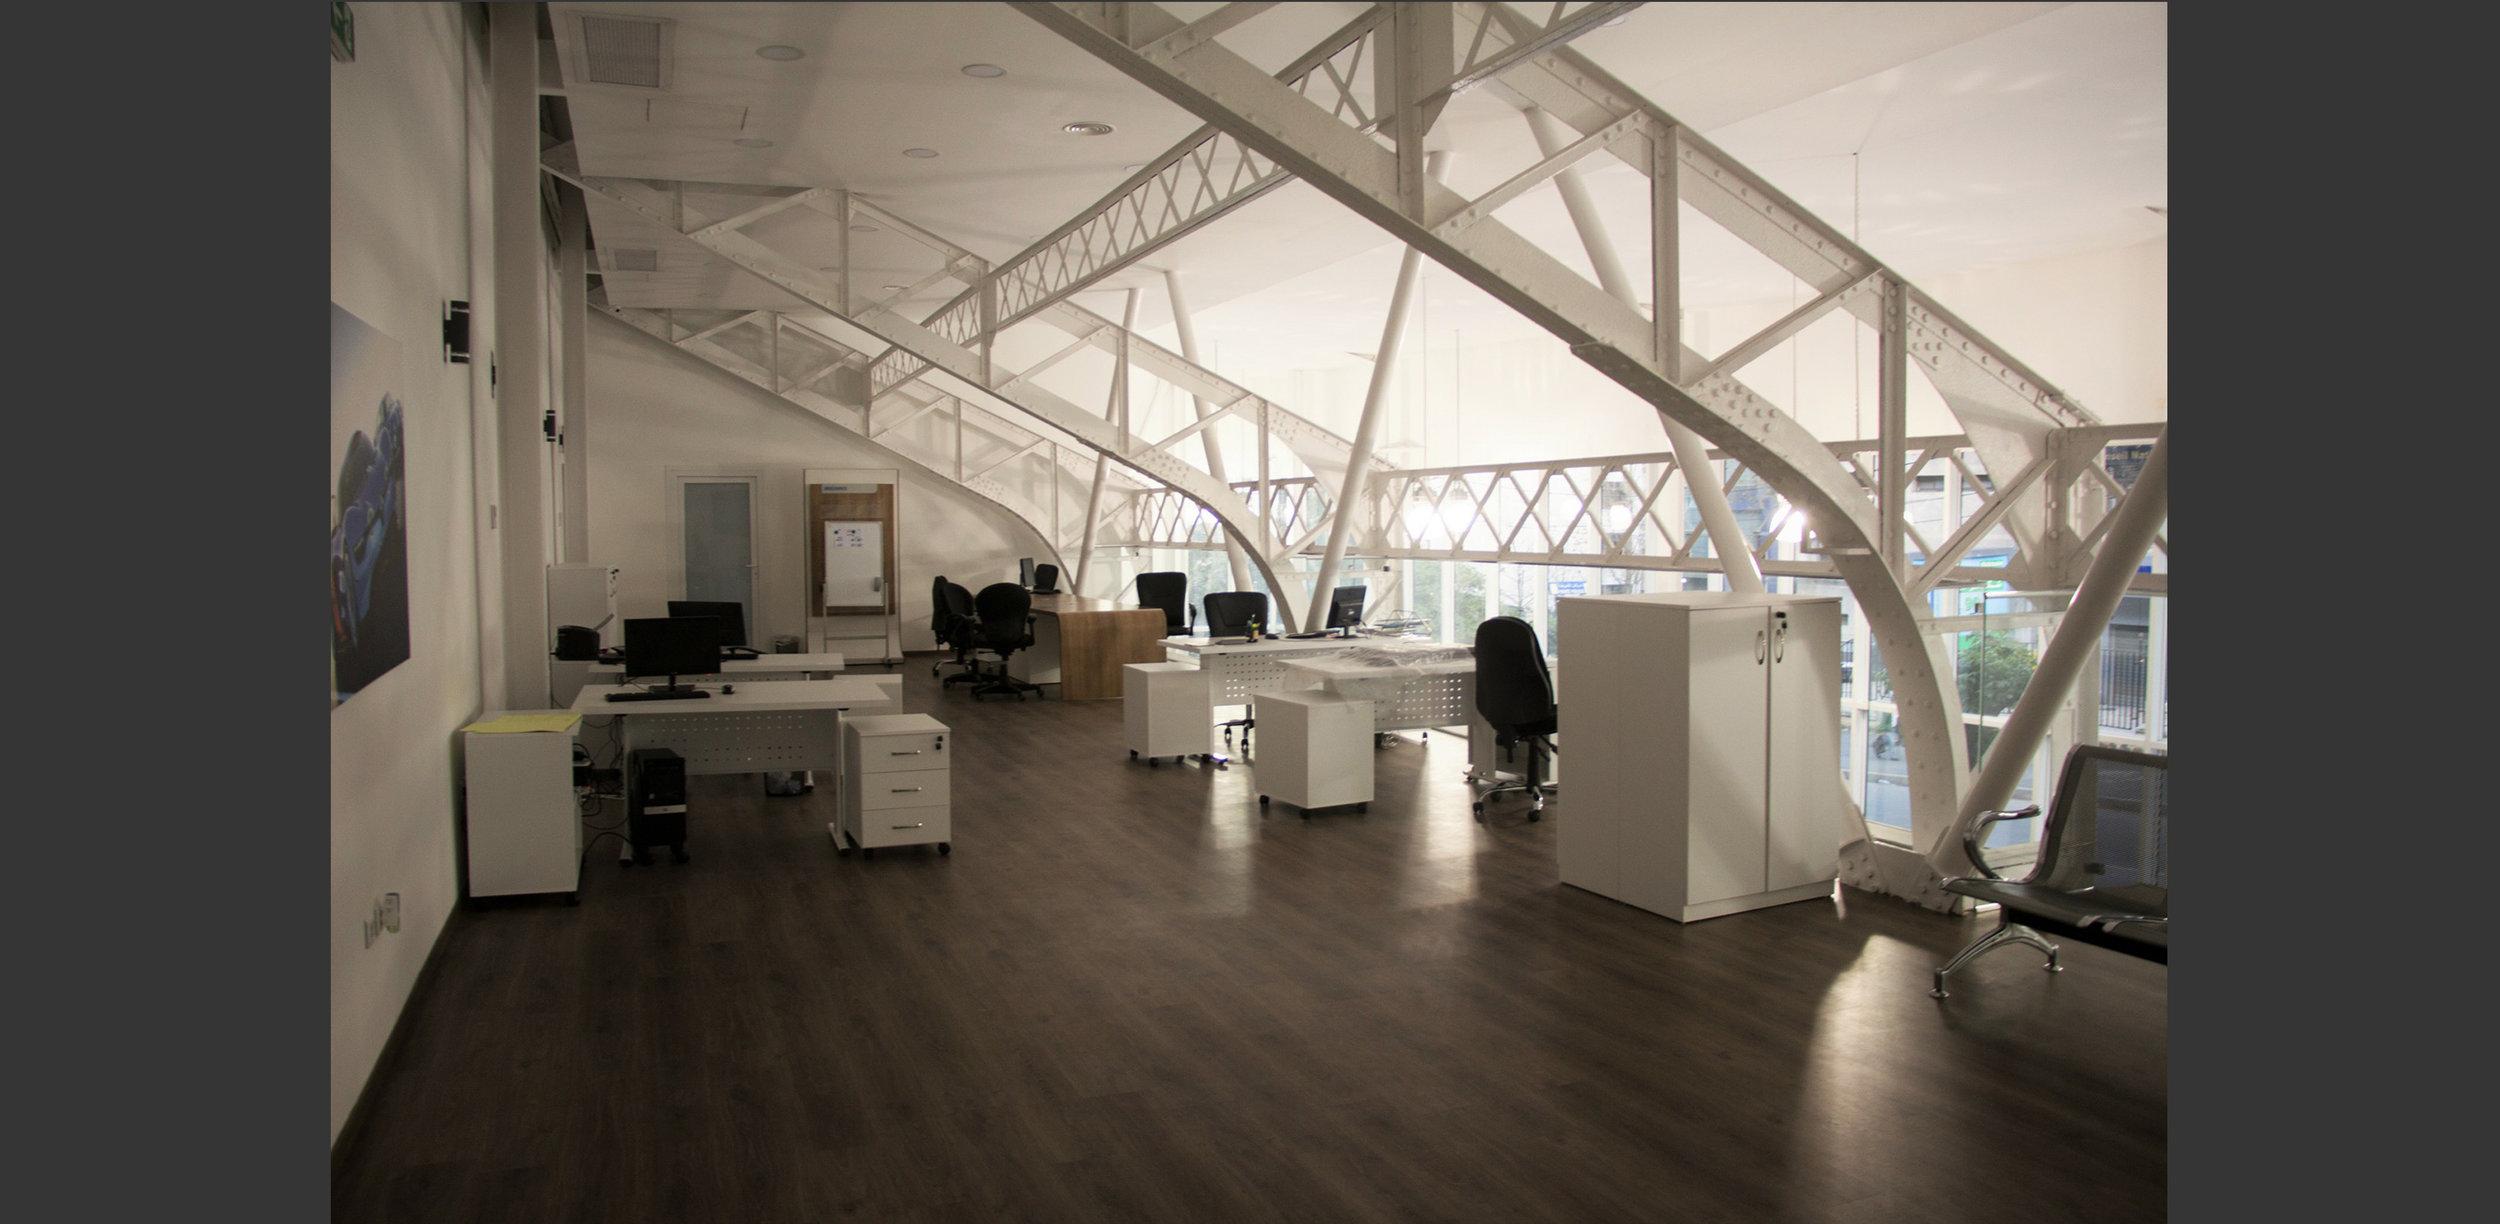 Mezzanine Showroom automobile à Alger, Atelier Messaoudi architecture aménagement et design. Bureau d'étude Algérie.